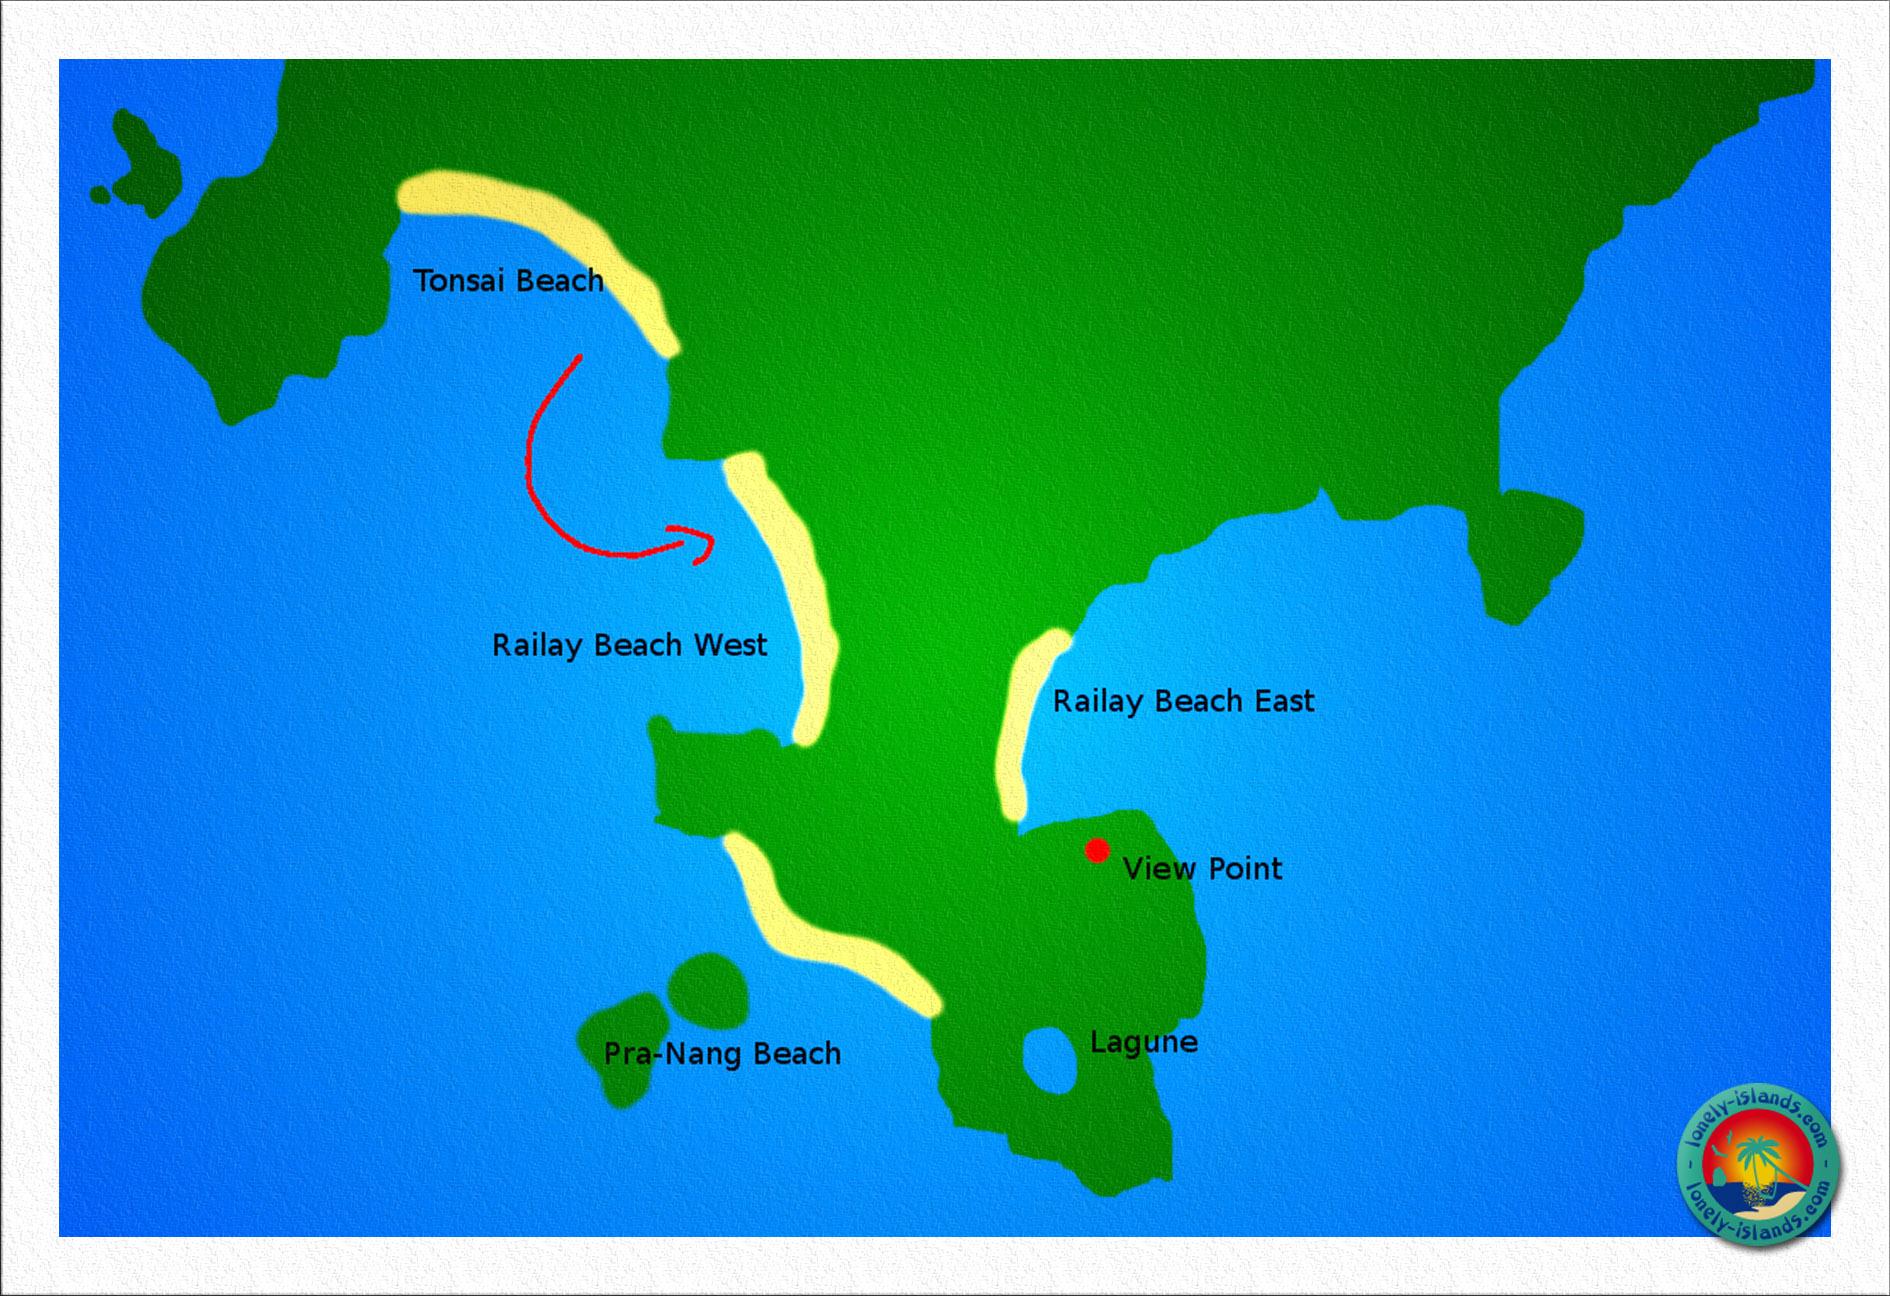 Karte von Railay Beach